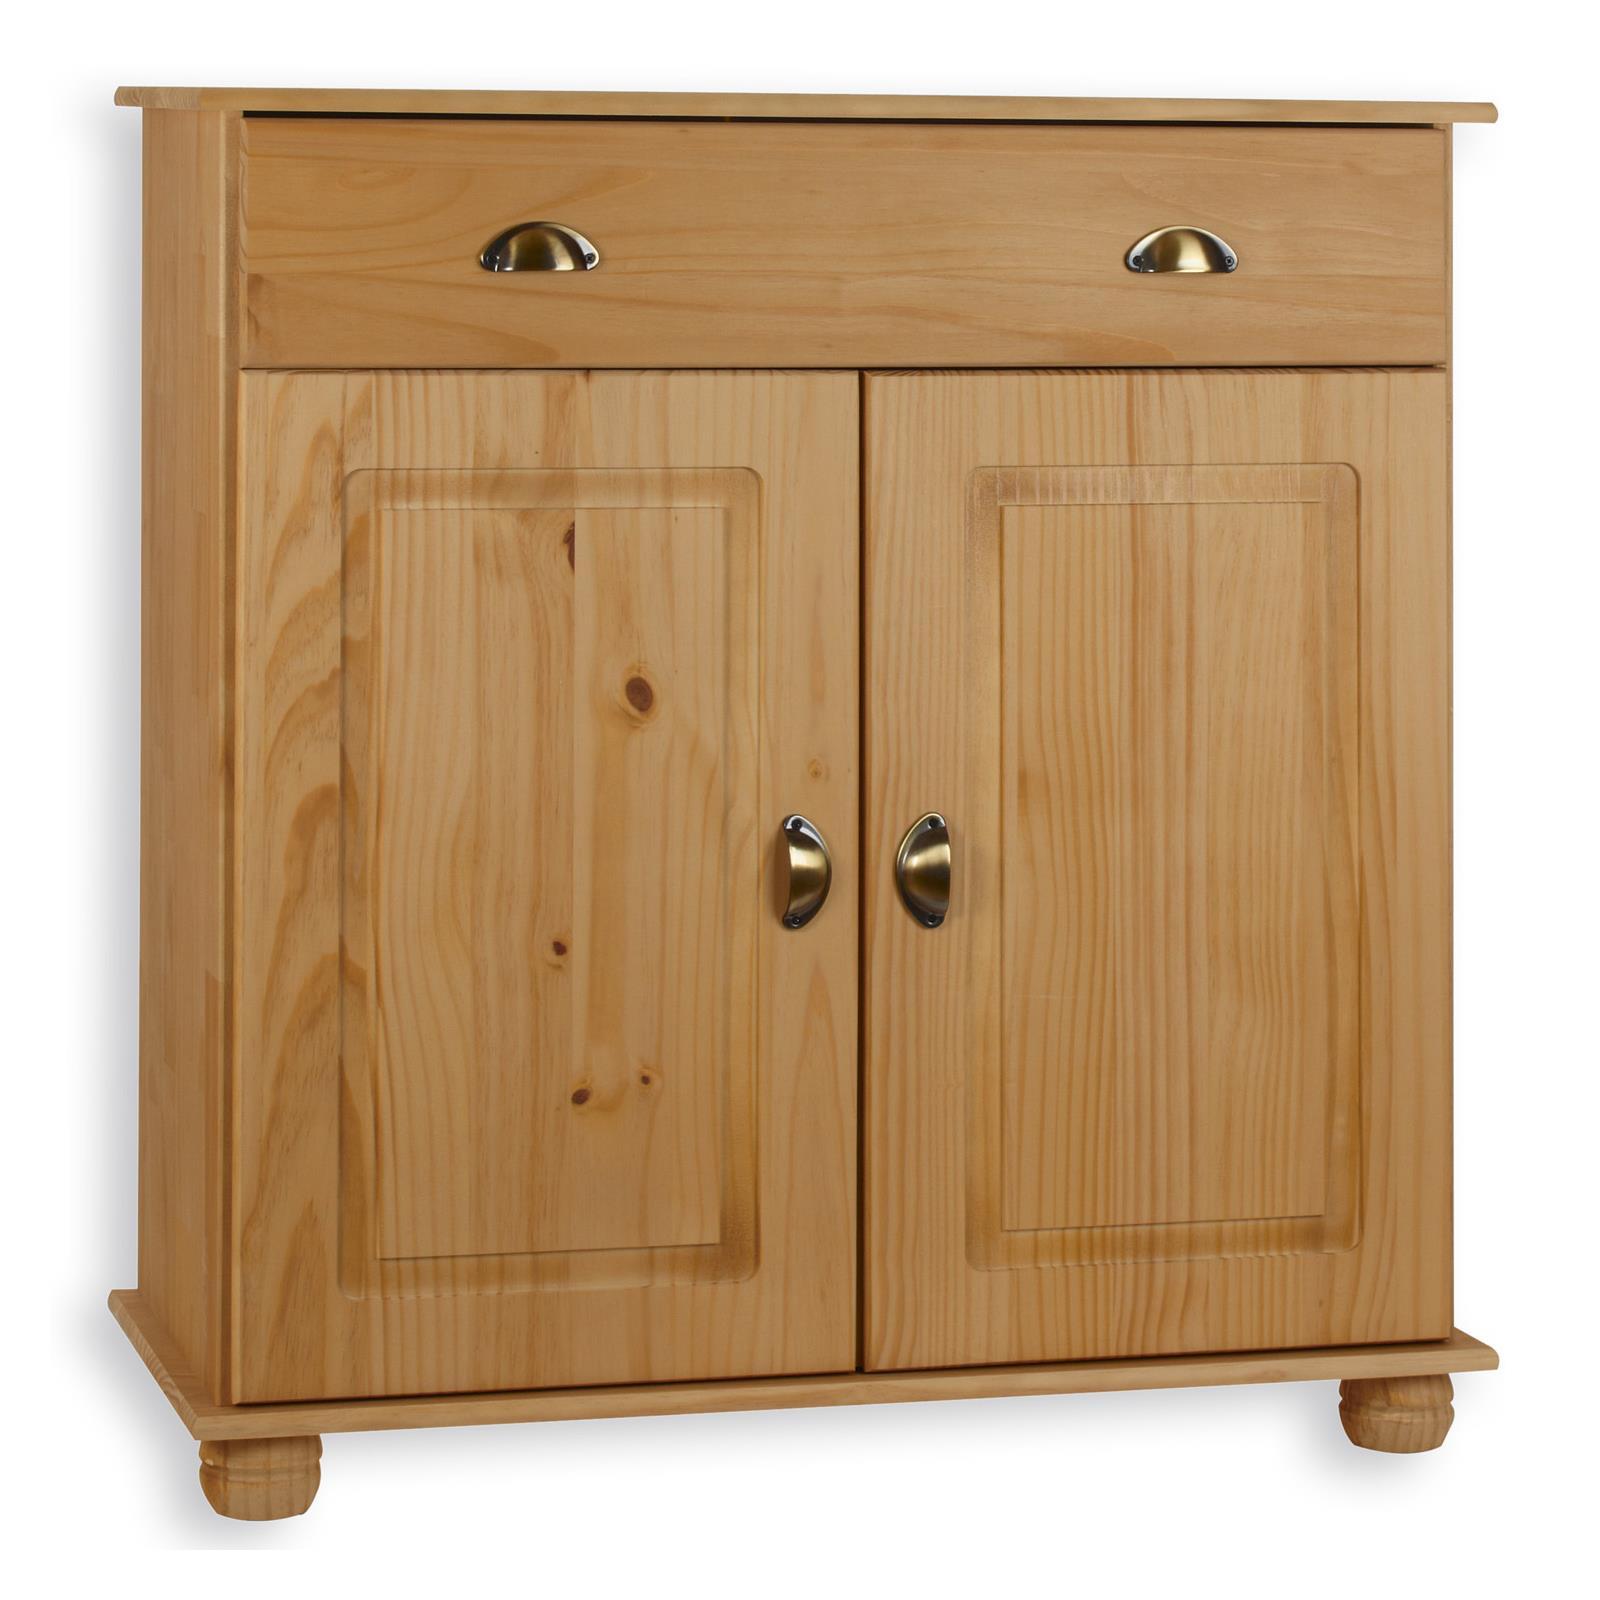 kommode colmar kiefer massiv gebeizt mobilia24. Black Bedroom Furniture Sets. Home Design Ideas